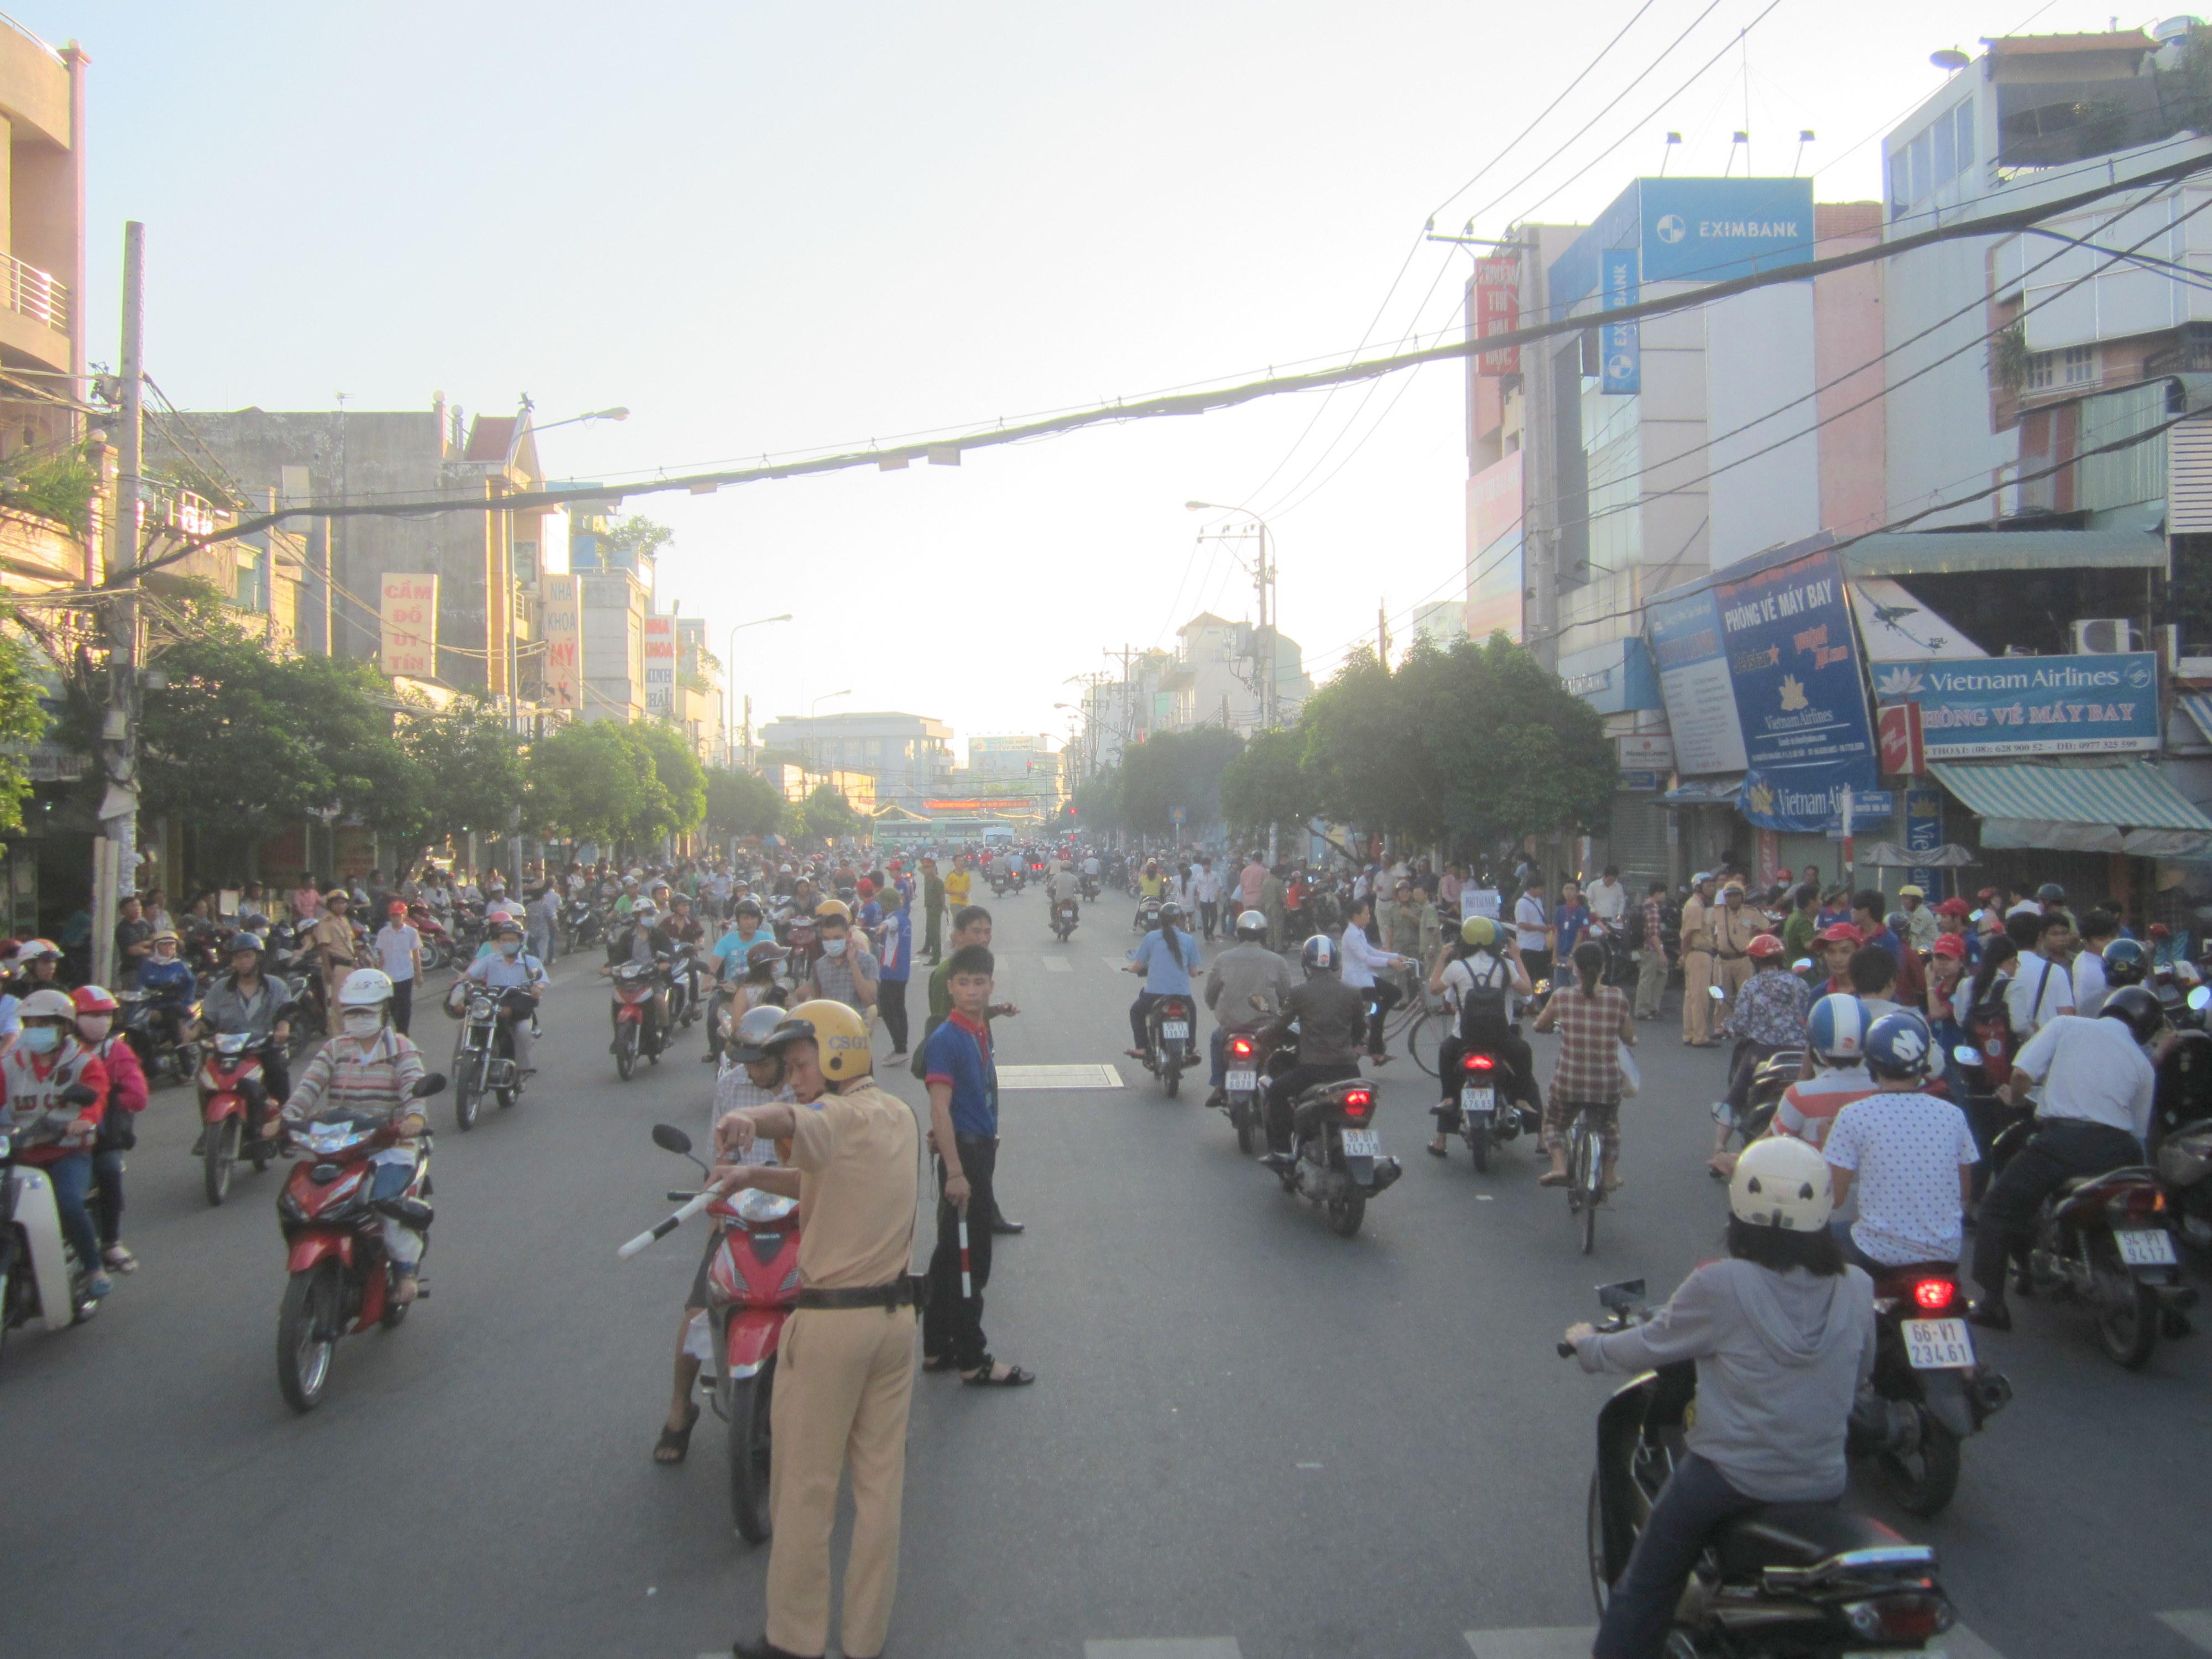 Lực lượng CSGT, sinh viên tình nguyện điiều tiết giao thông tại giao lộ Nguyễn Thái Sơn – Nguyễn Văn Bảo, quận Gò Vấp trong ngày đầu diễn ra kỳ thi đại học